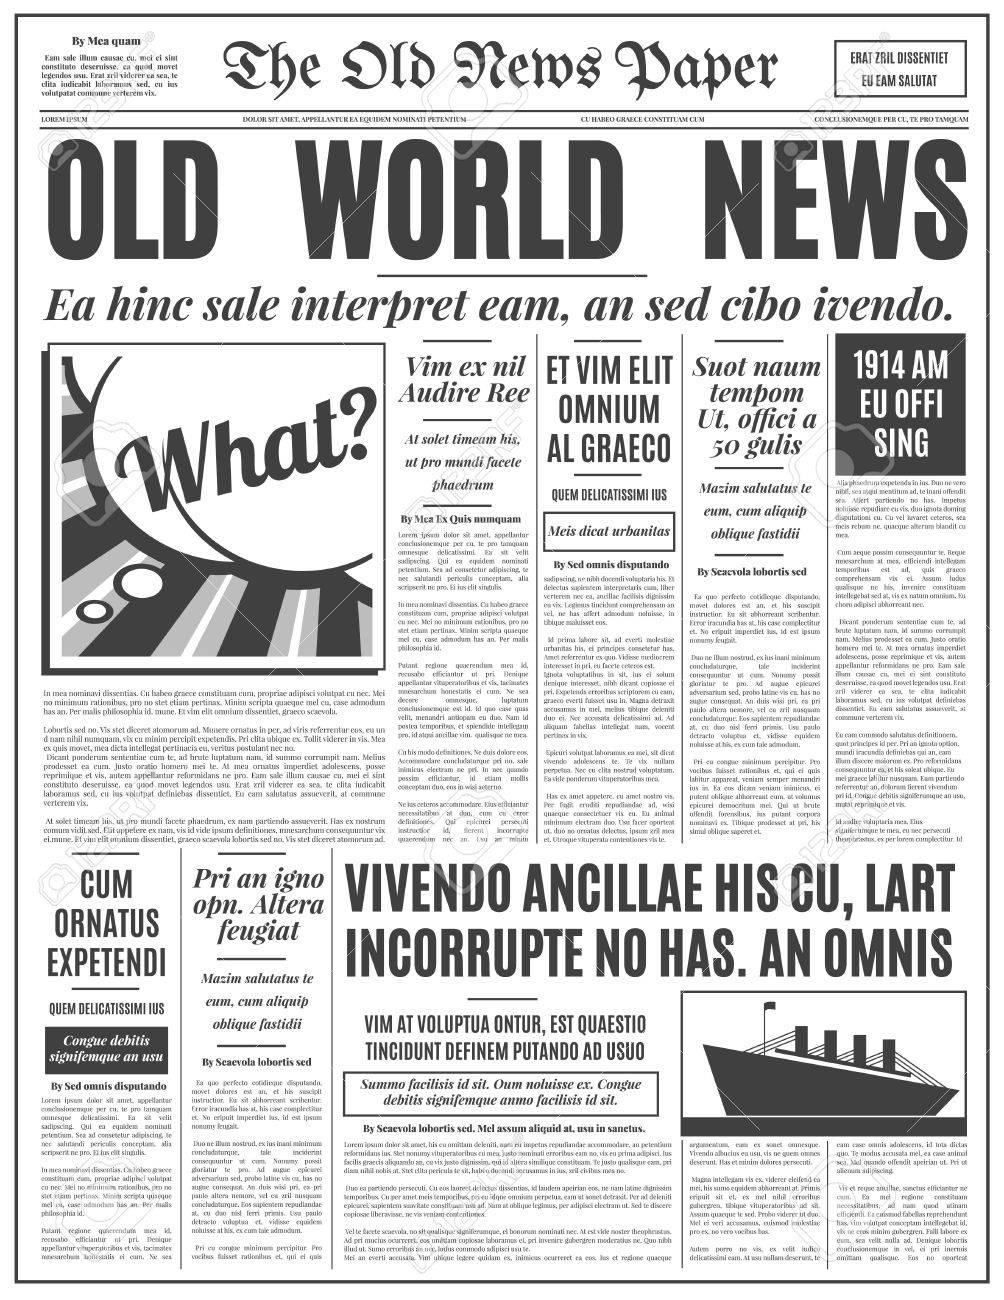 Diseño De época Antigua Periódico. Plantilla De La Vertical Retro ...